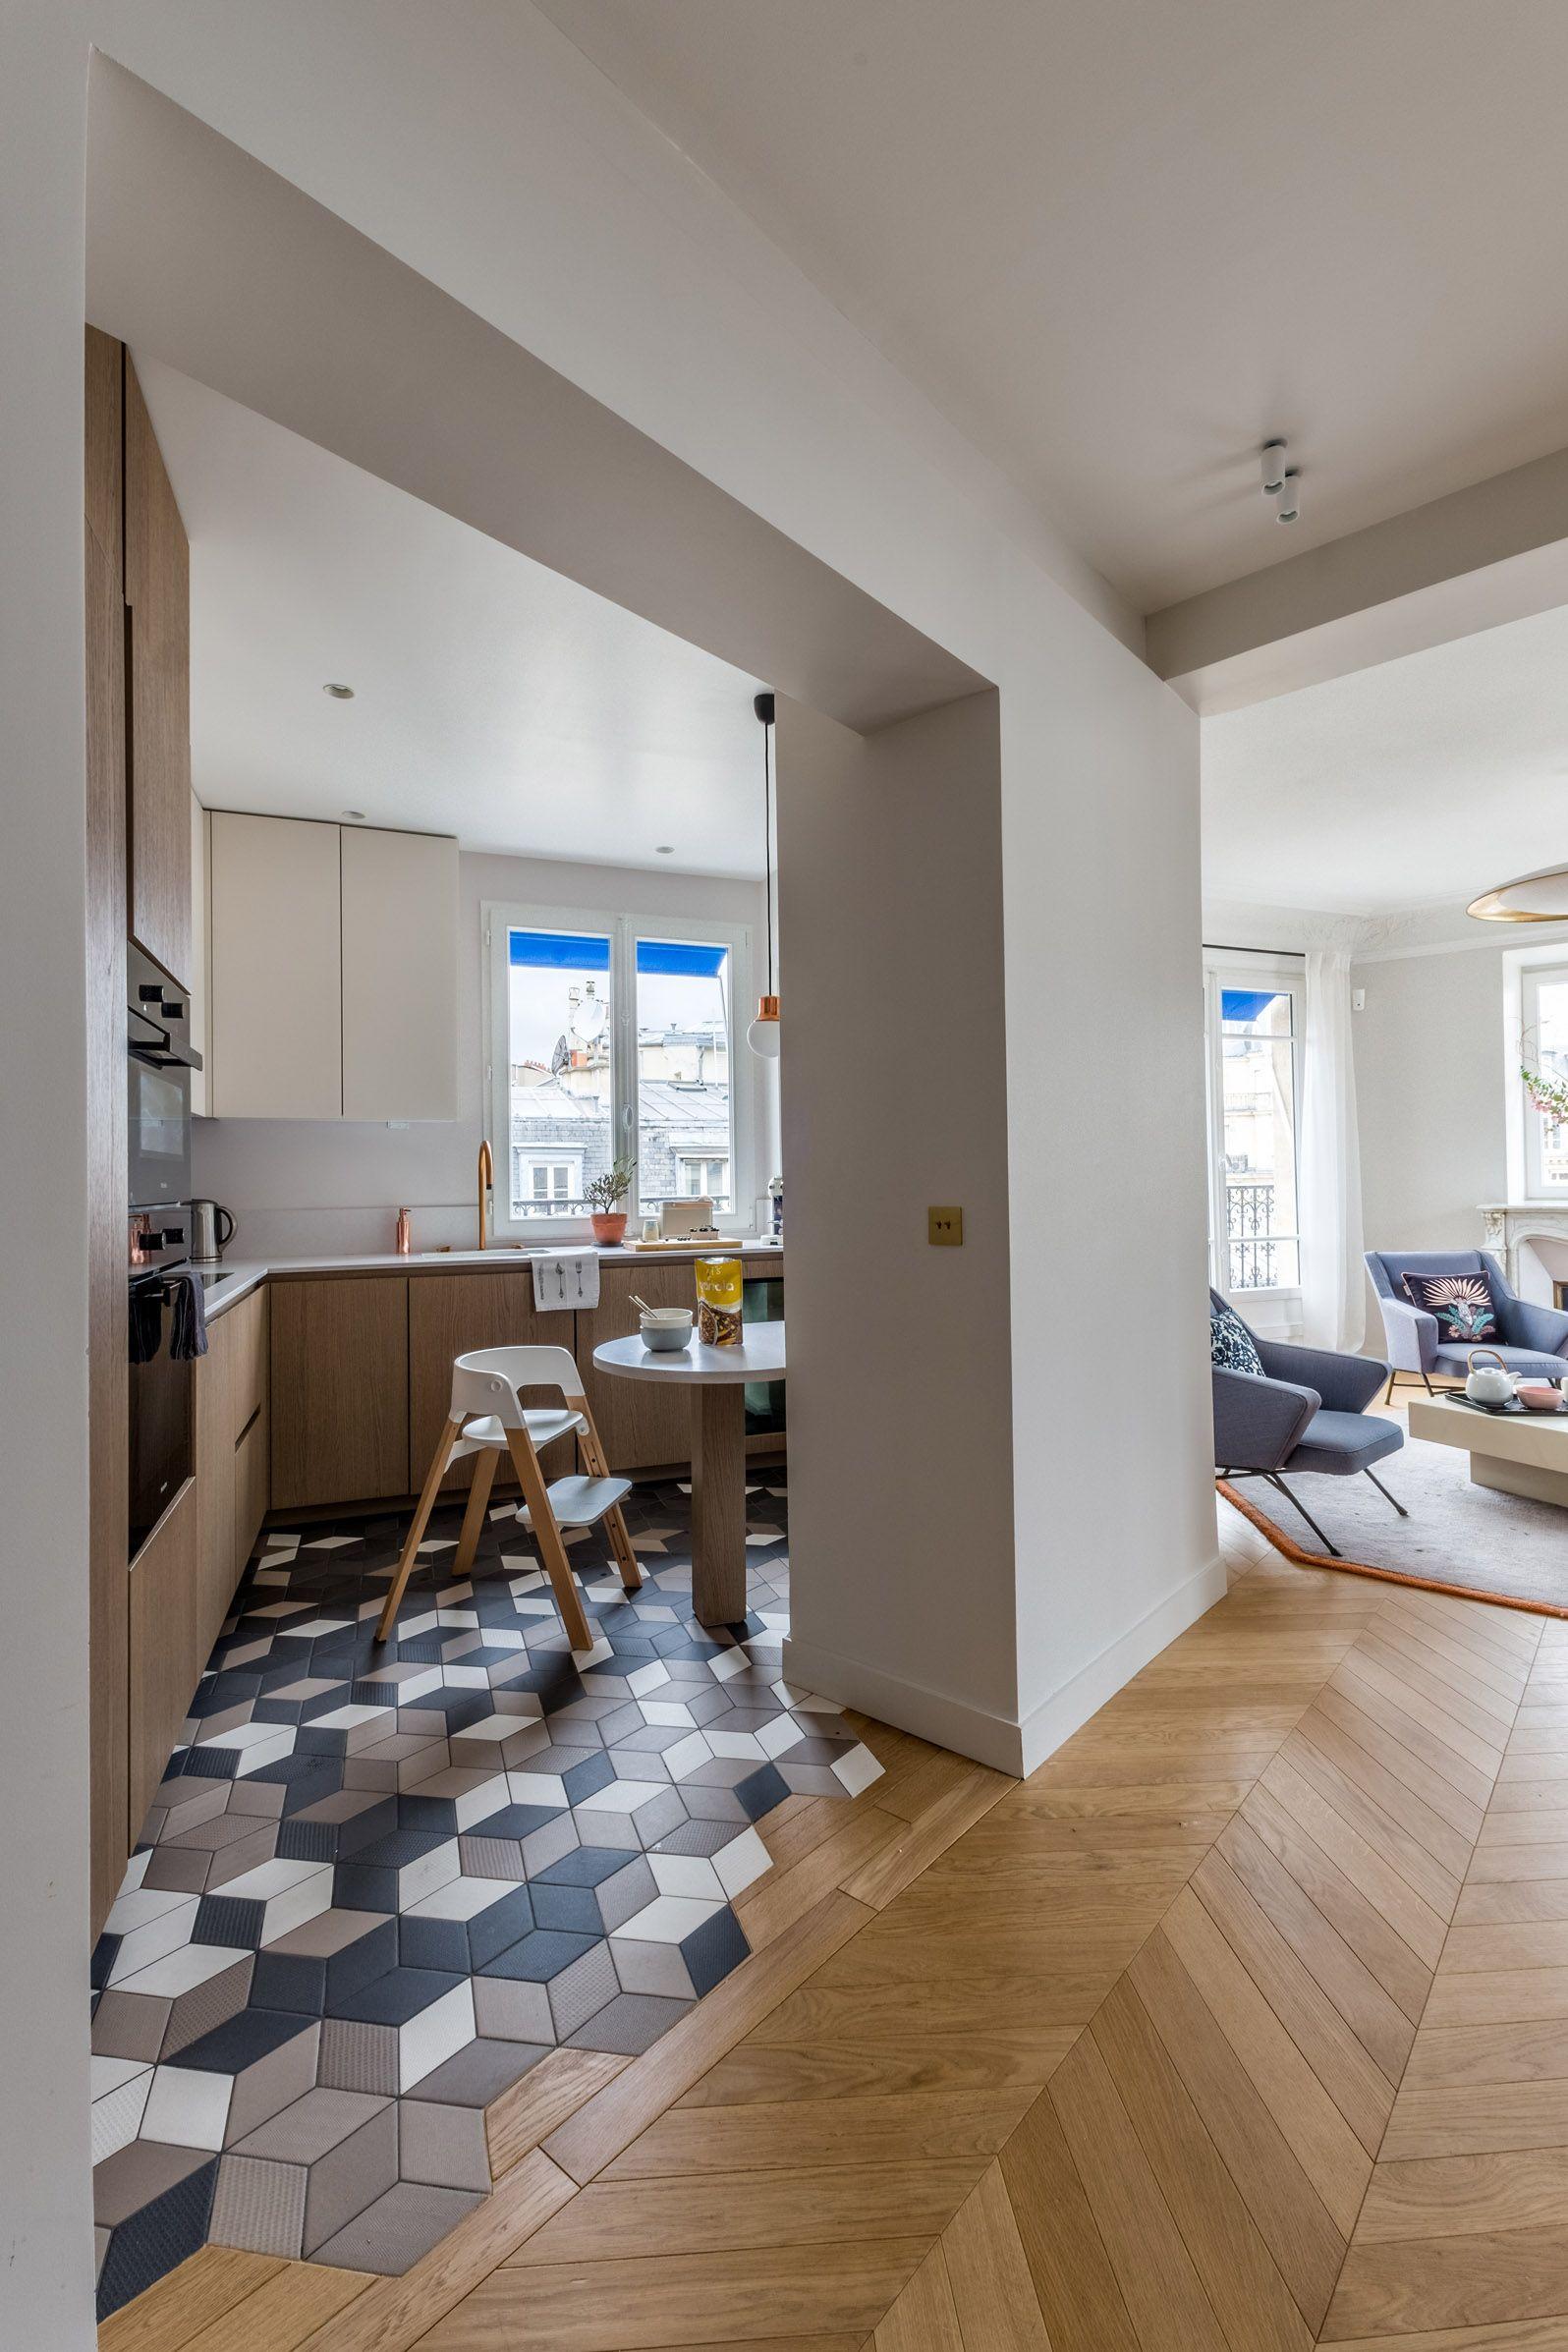 les differences de sols creent une demarcation entre la cuisine et le salon sans pour autant reduire les espaces